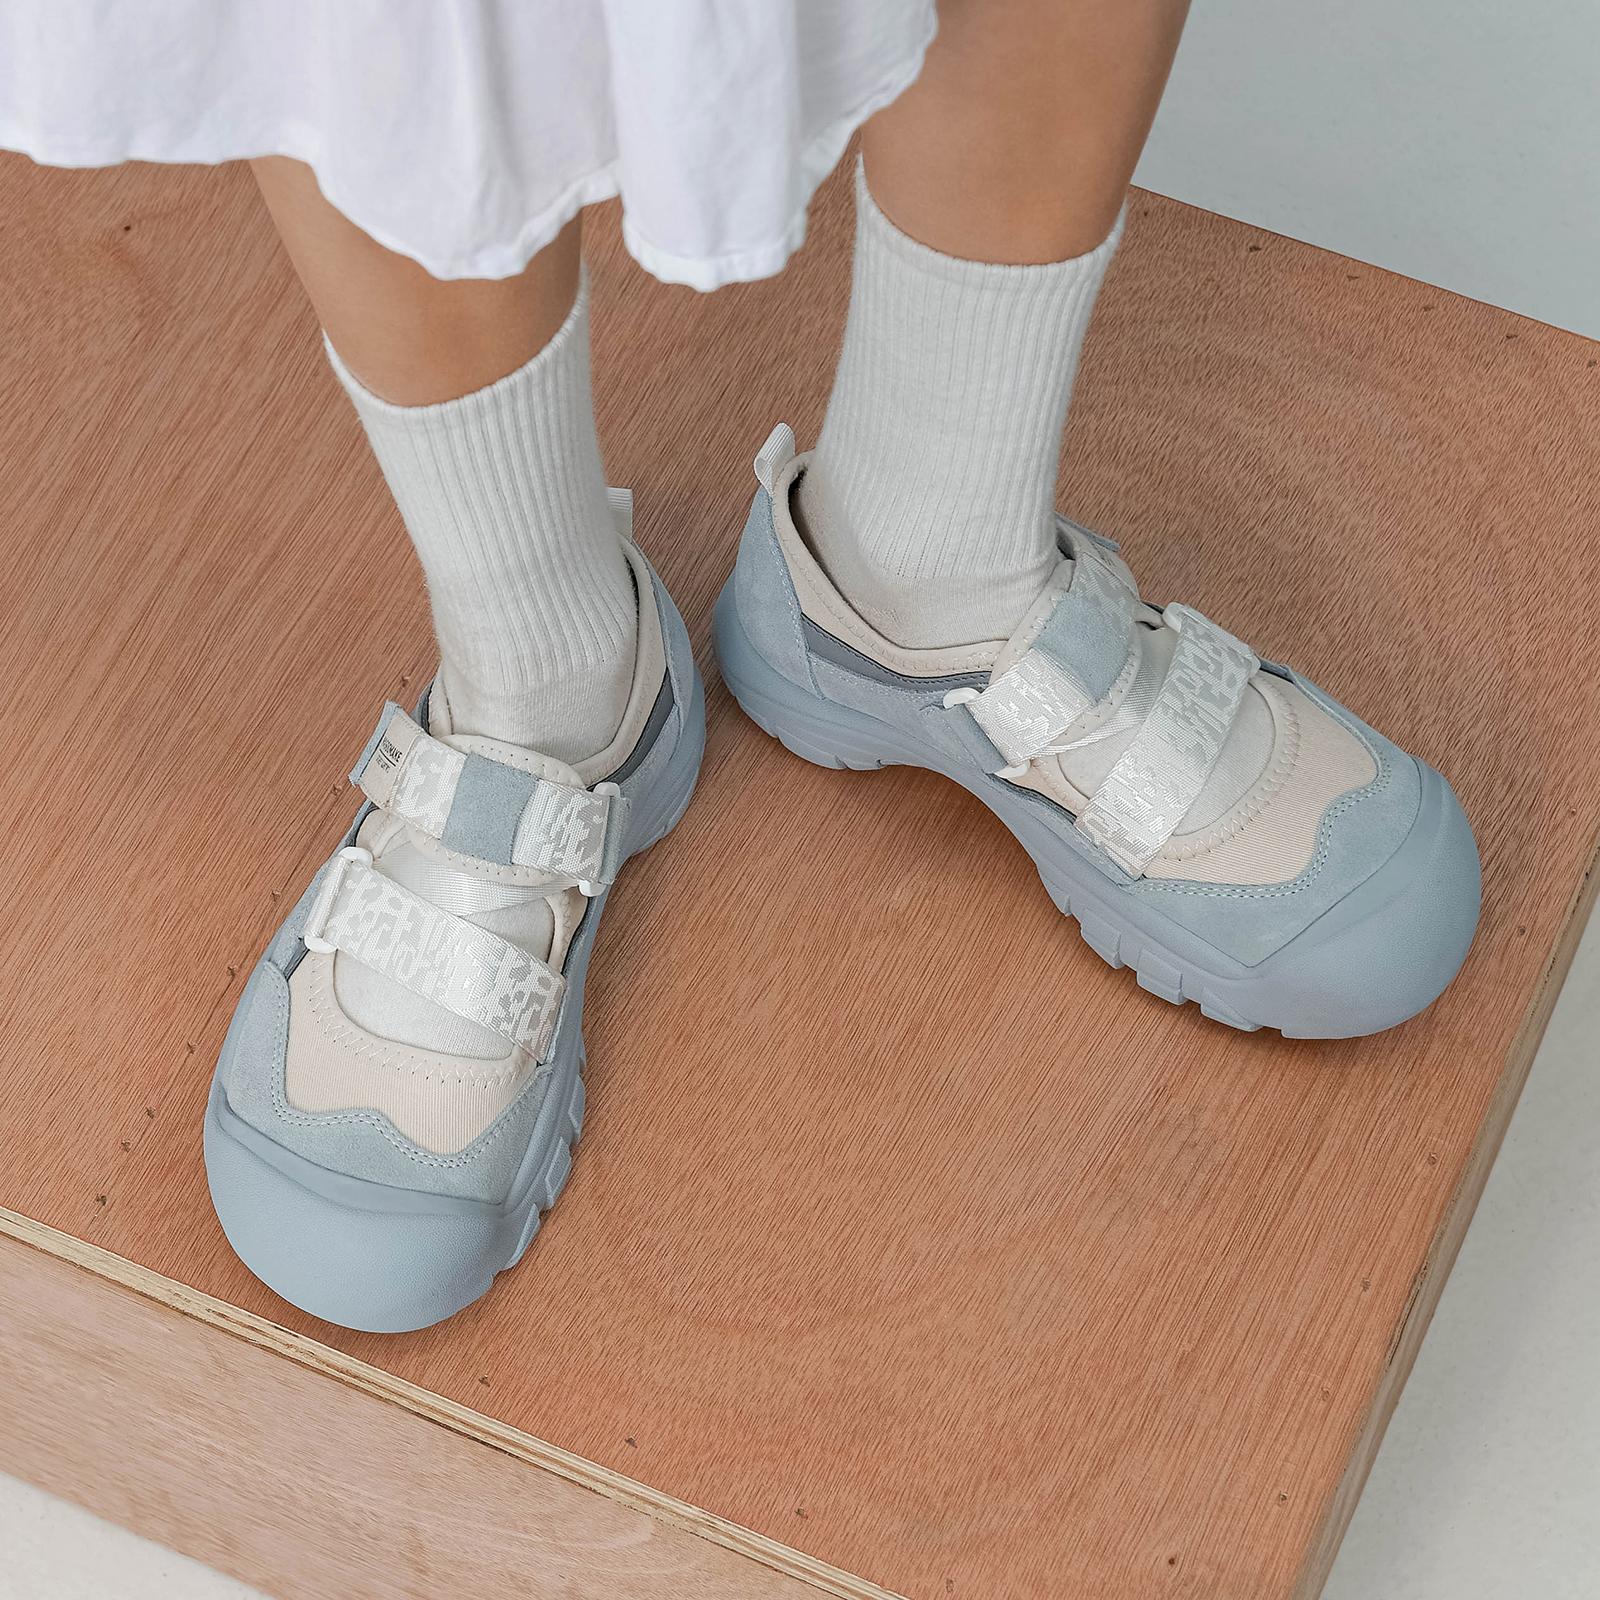 玛速主义 丑萌魔术贴老爹鞋女夏大头鞋ins潮网红休闲娃娃鞋运动鞋 No.1